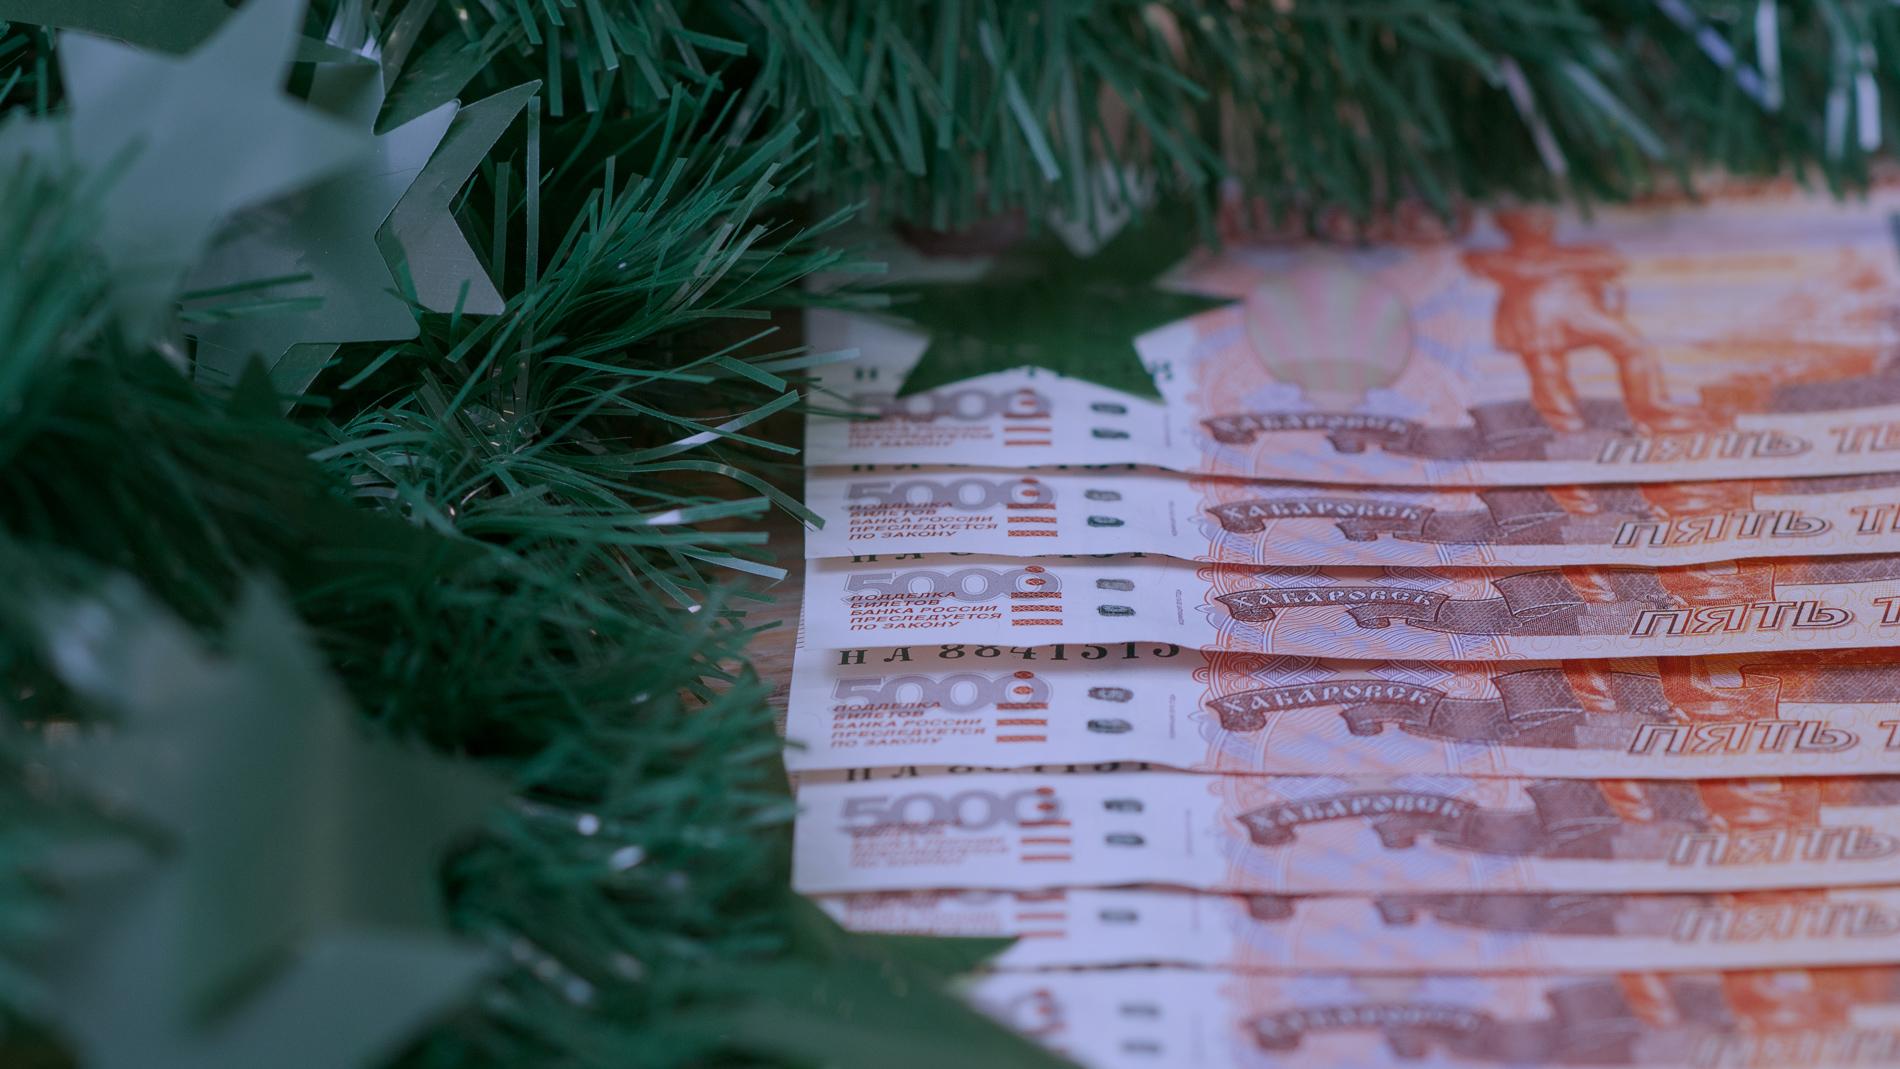 Ковид деньгам не помеха. Регионы соревнуются, кто больше потратит на Новый год